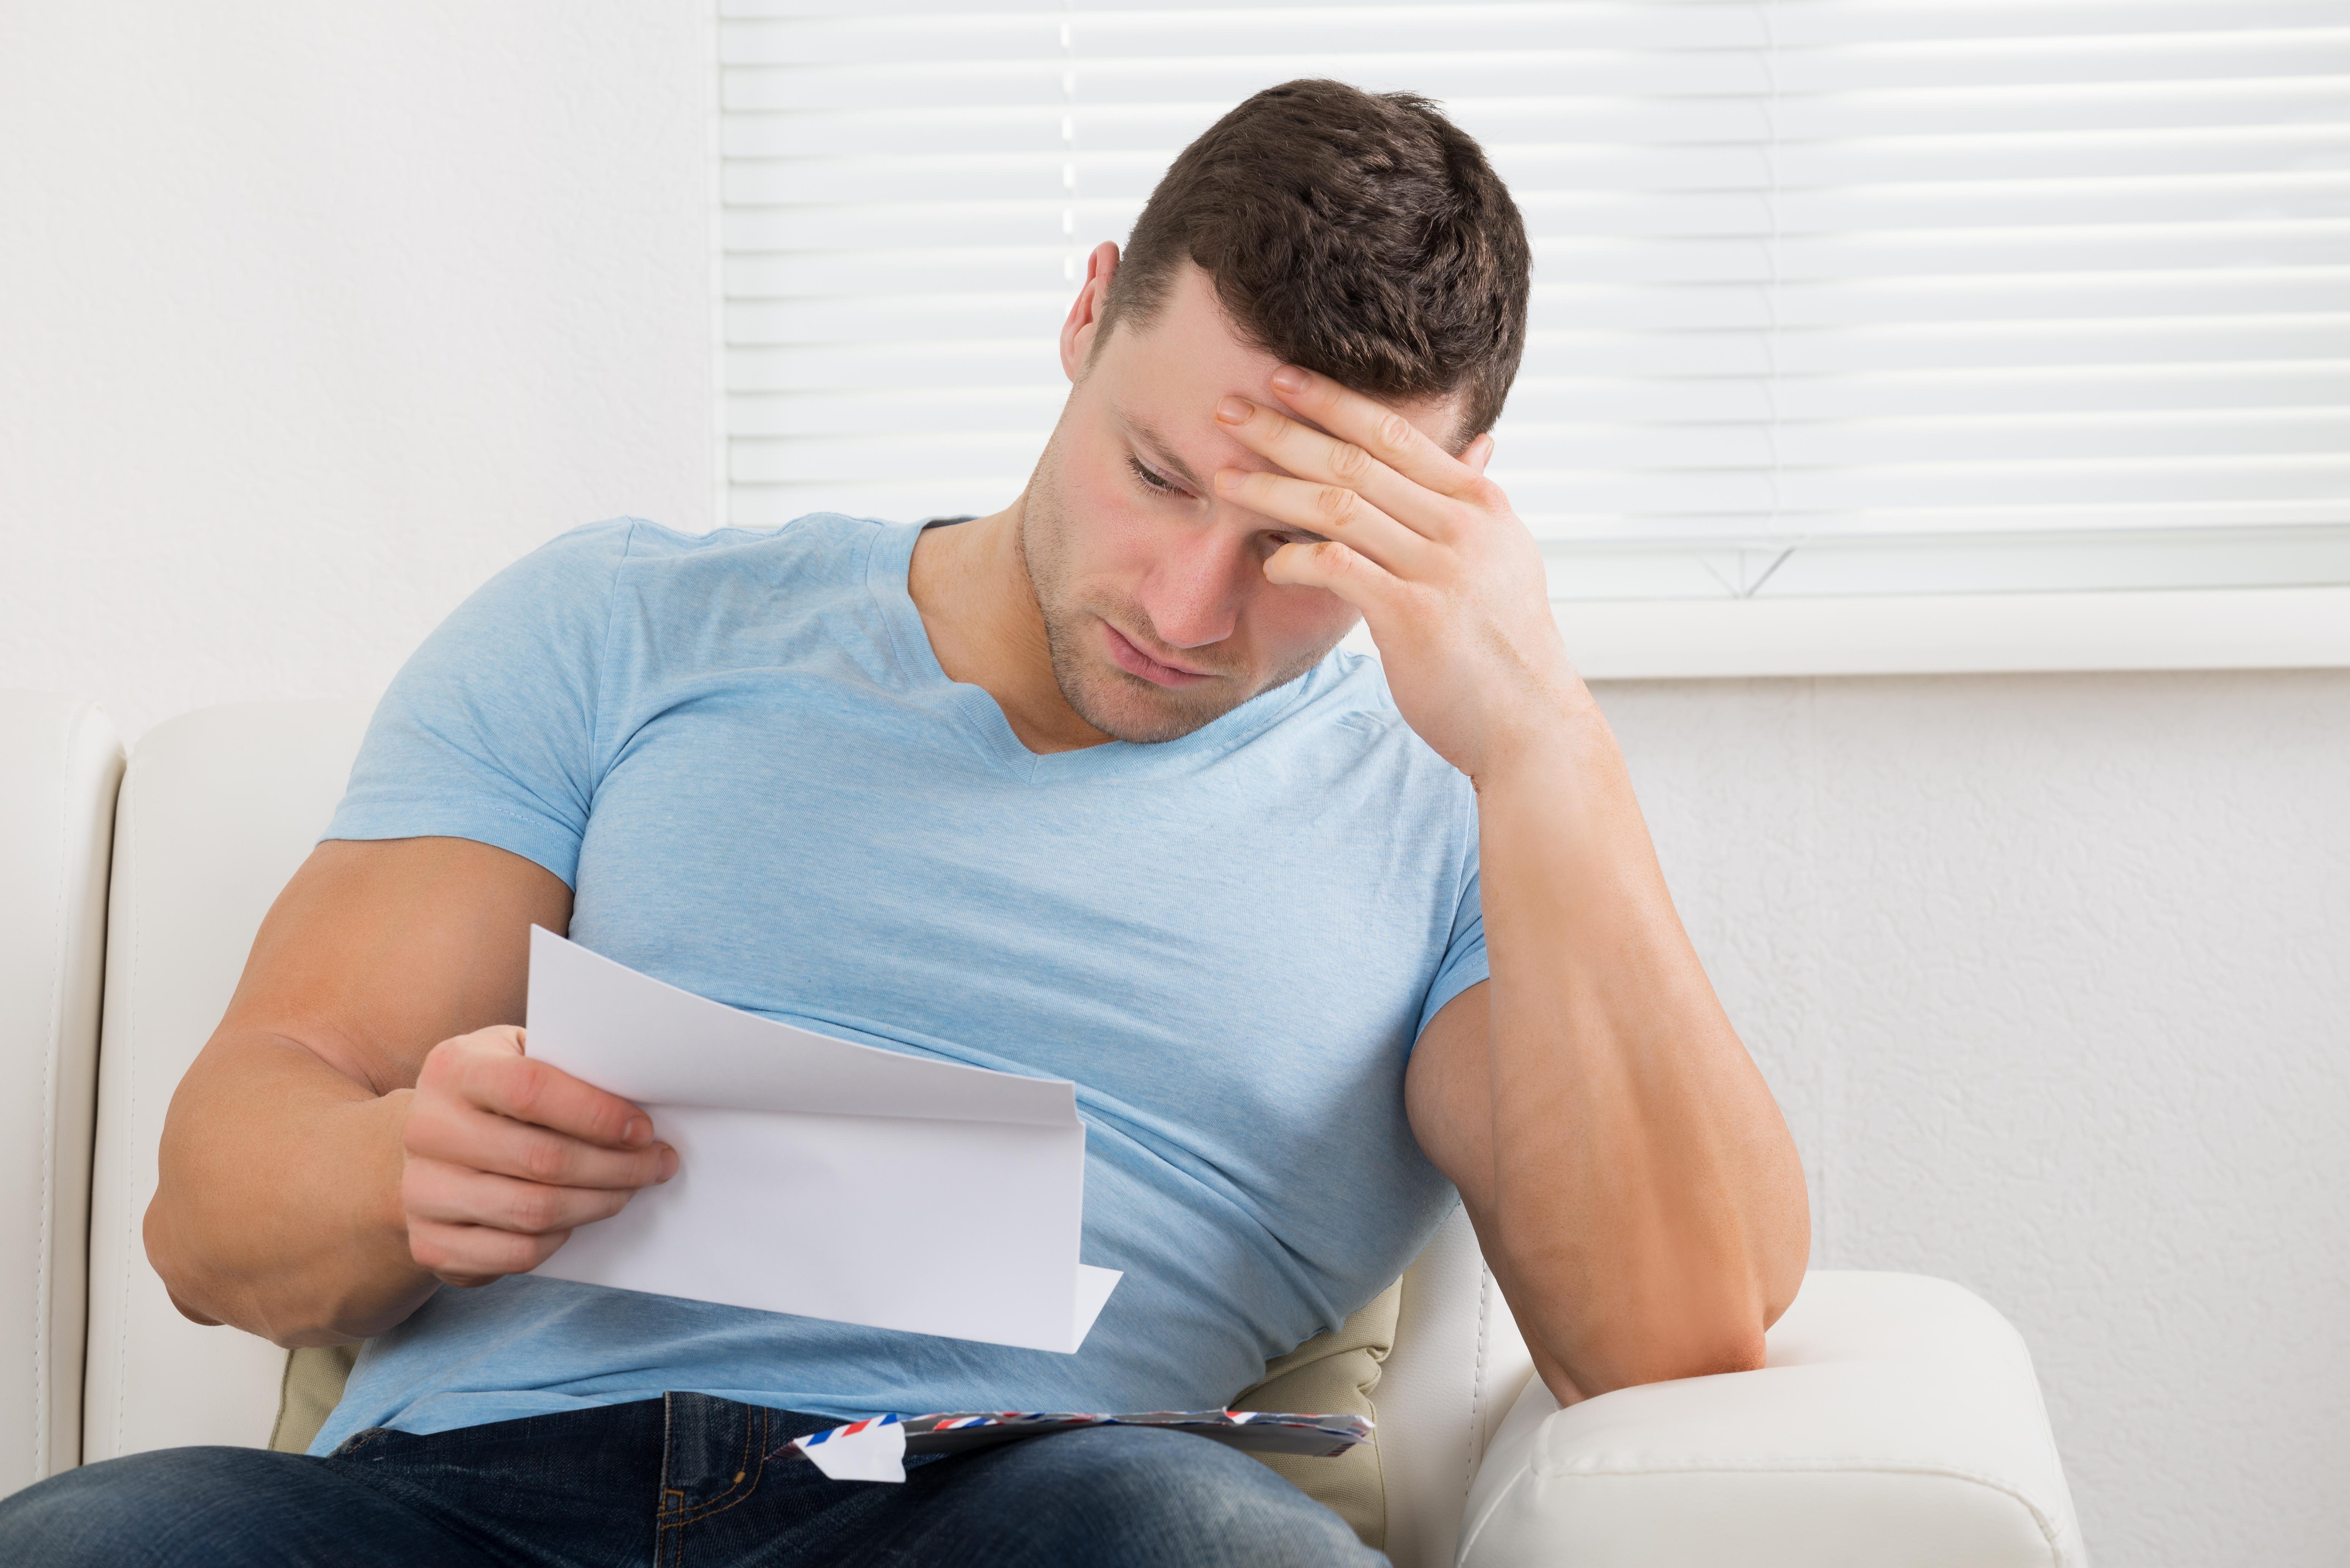 man reading letter